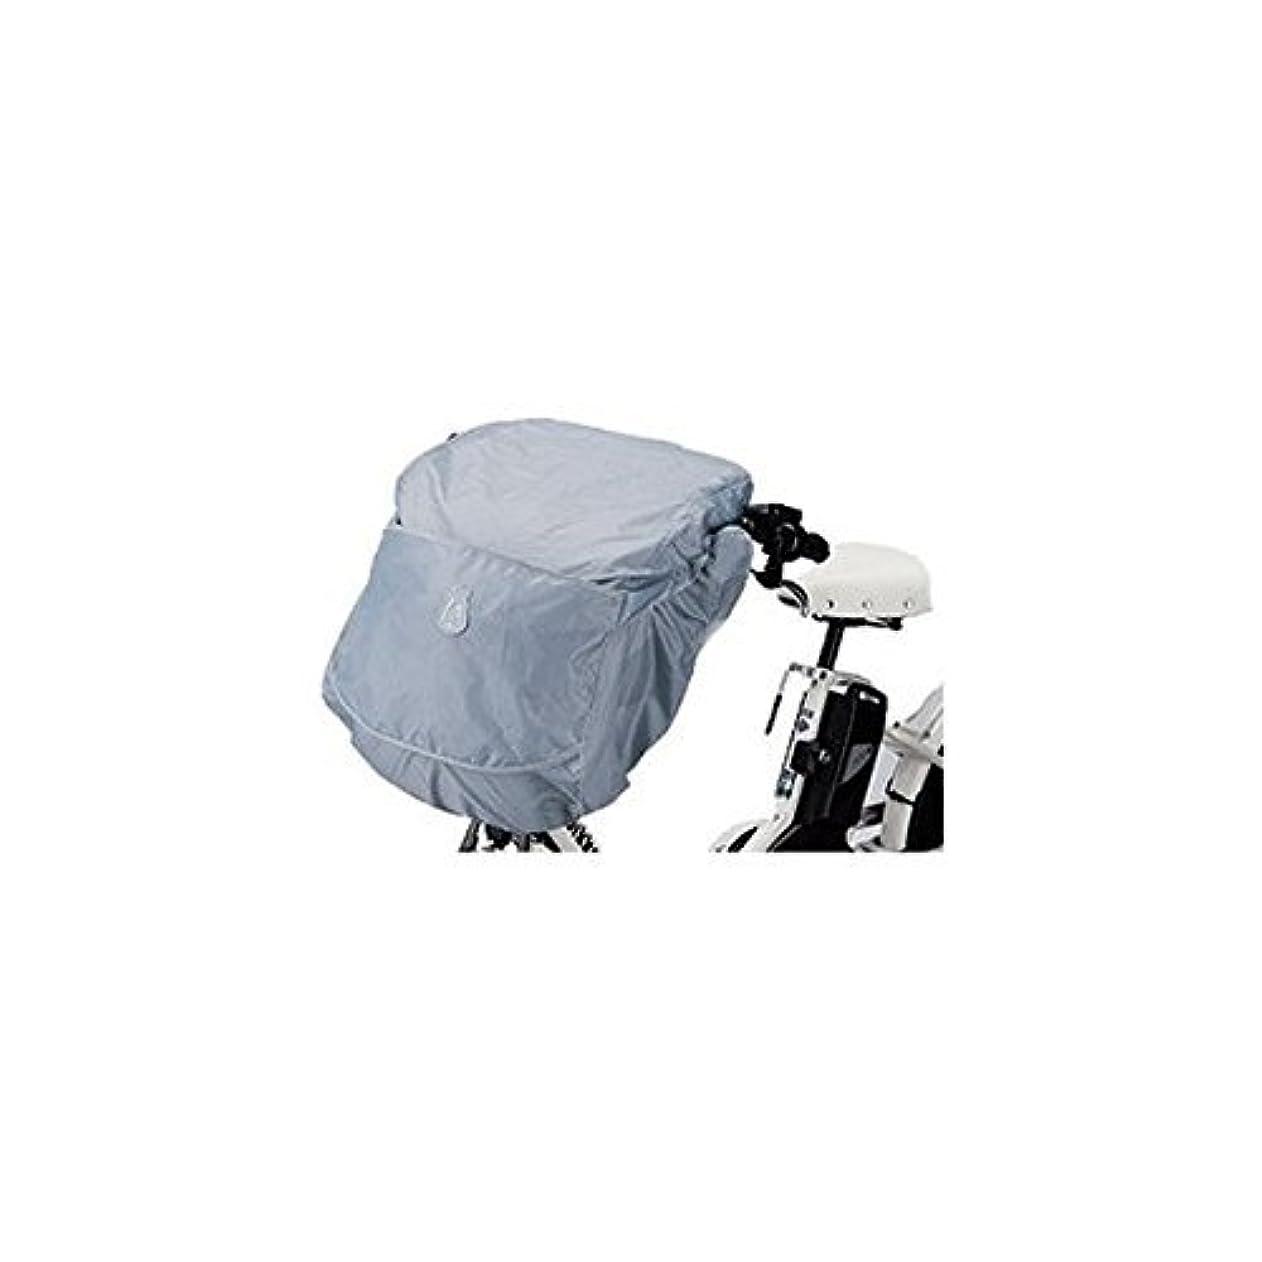 哲学的幻想バレルBRIDGESTONE(ブリヂストン) bikke POLAR用フロントチャイルドシートカバー A463011LB FCC-BKP ブルーグレー